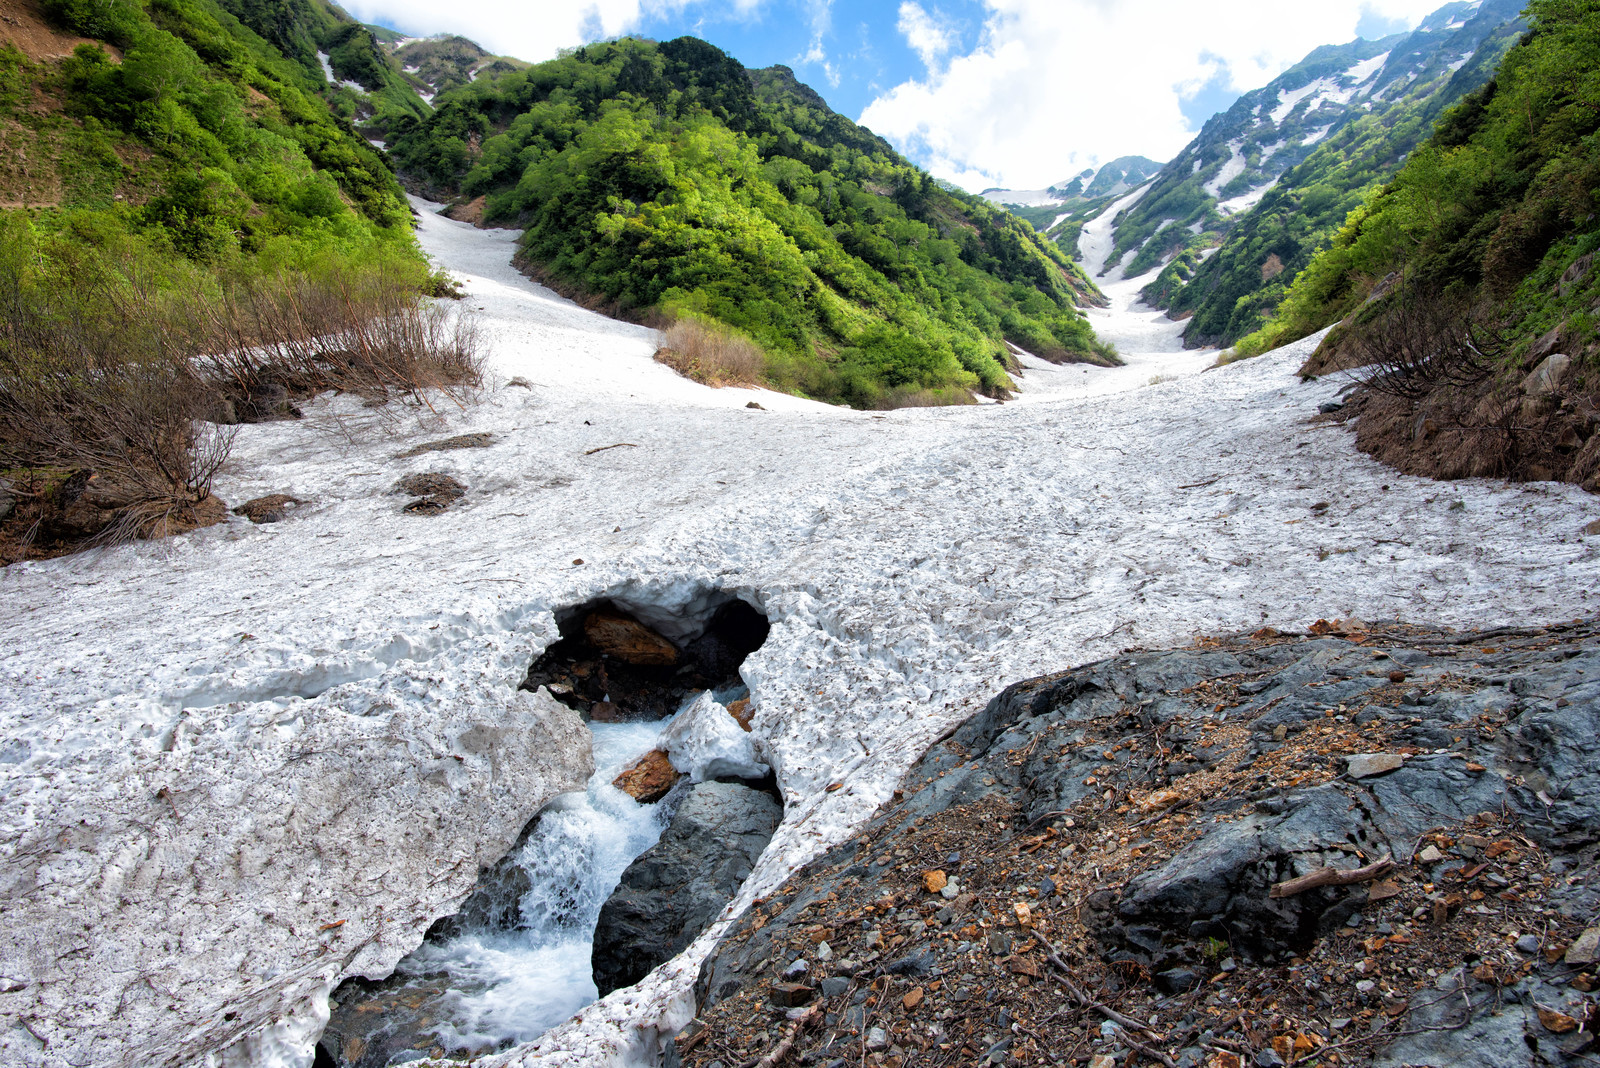 「雪解けの針ノ木大雪渓の下を流れる川」の写真